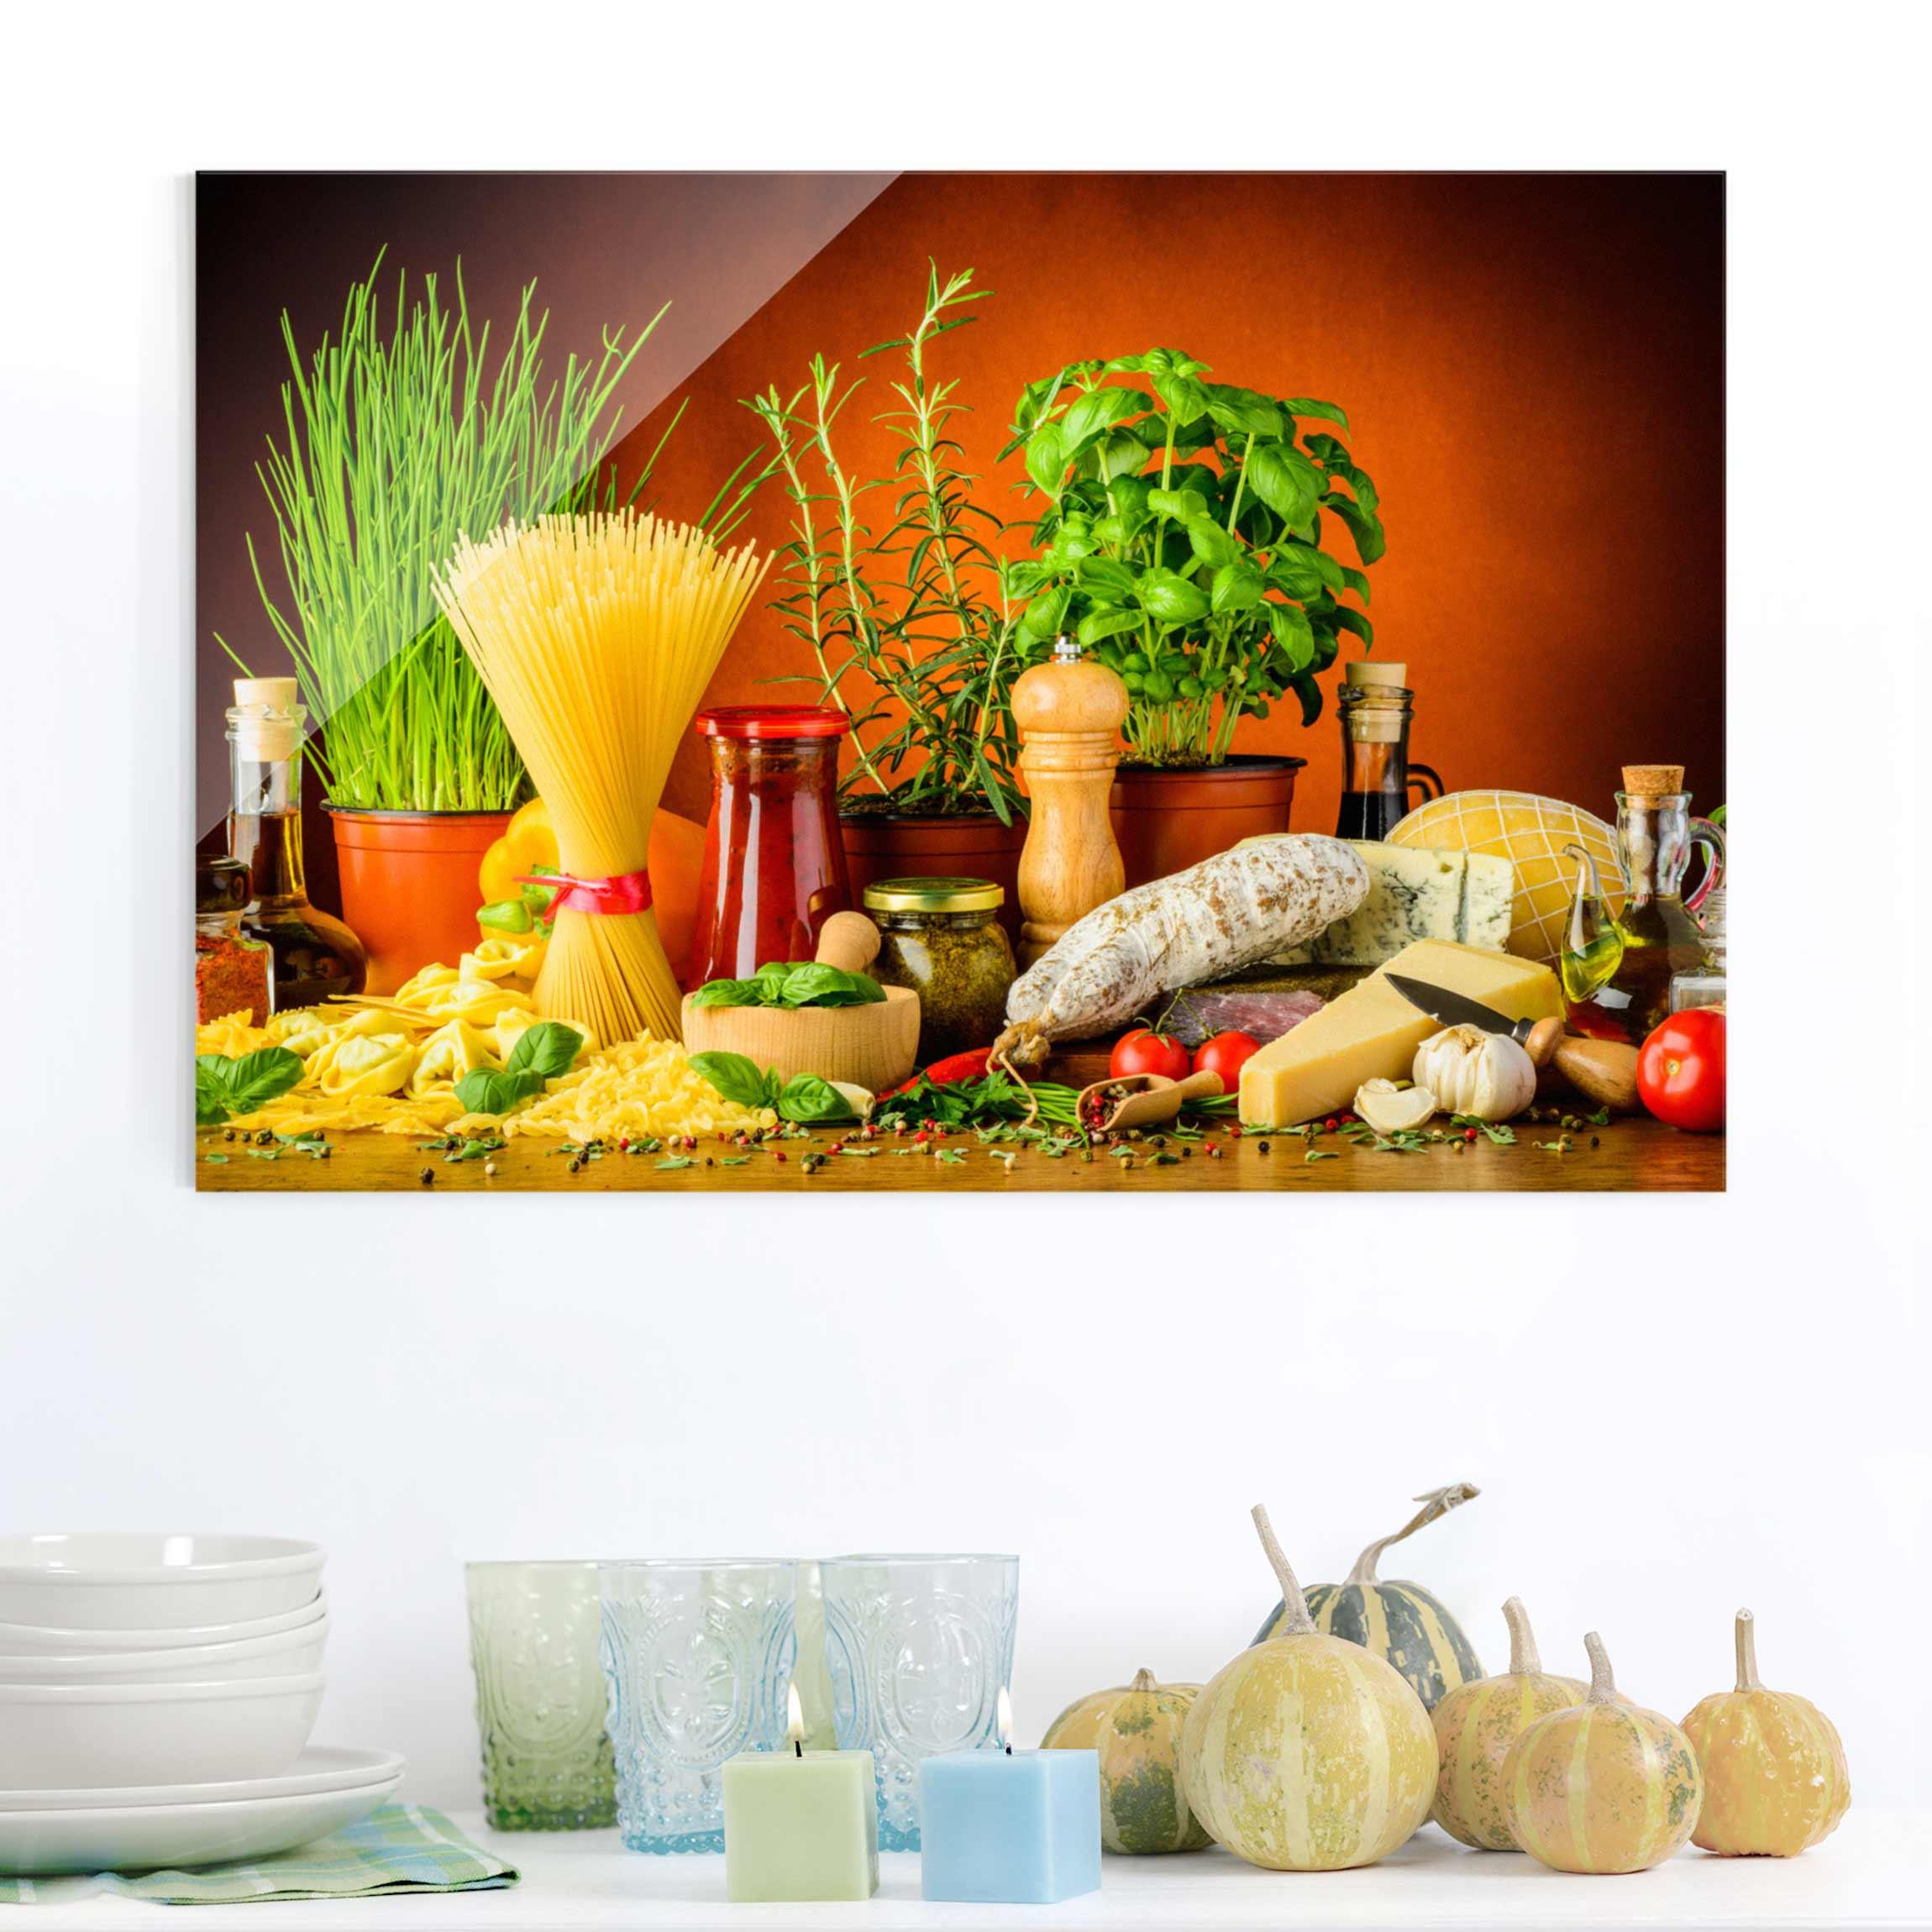 Full Size of Glasbild Kche 80 40 Glasbilder Apfel Wand Fr Inselkche Bad Küche Küchen Regal Wohnzimmer Küchen Glasbilder